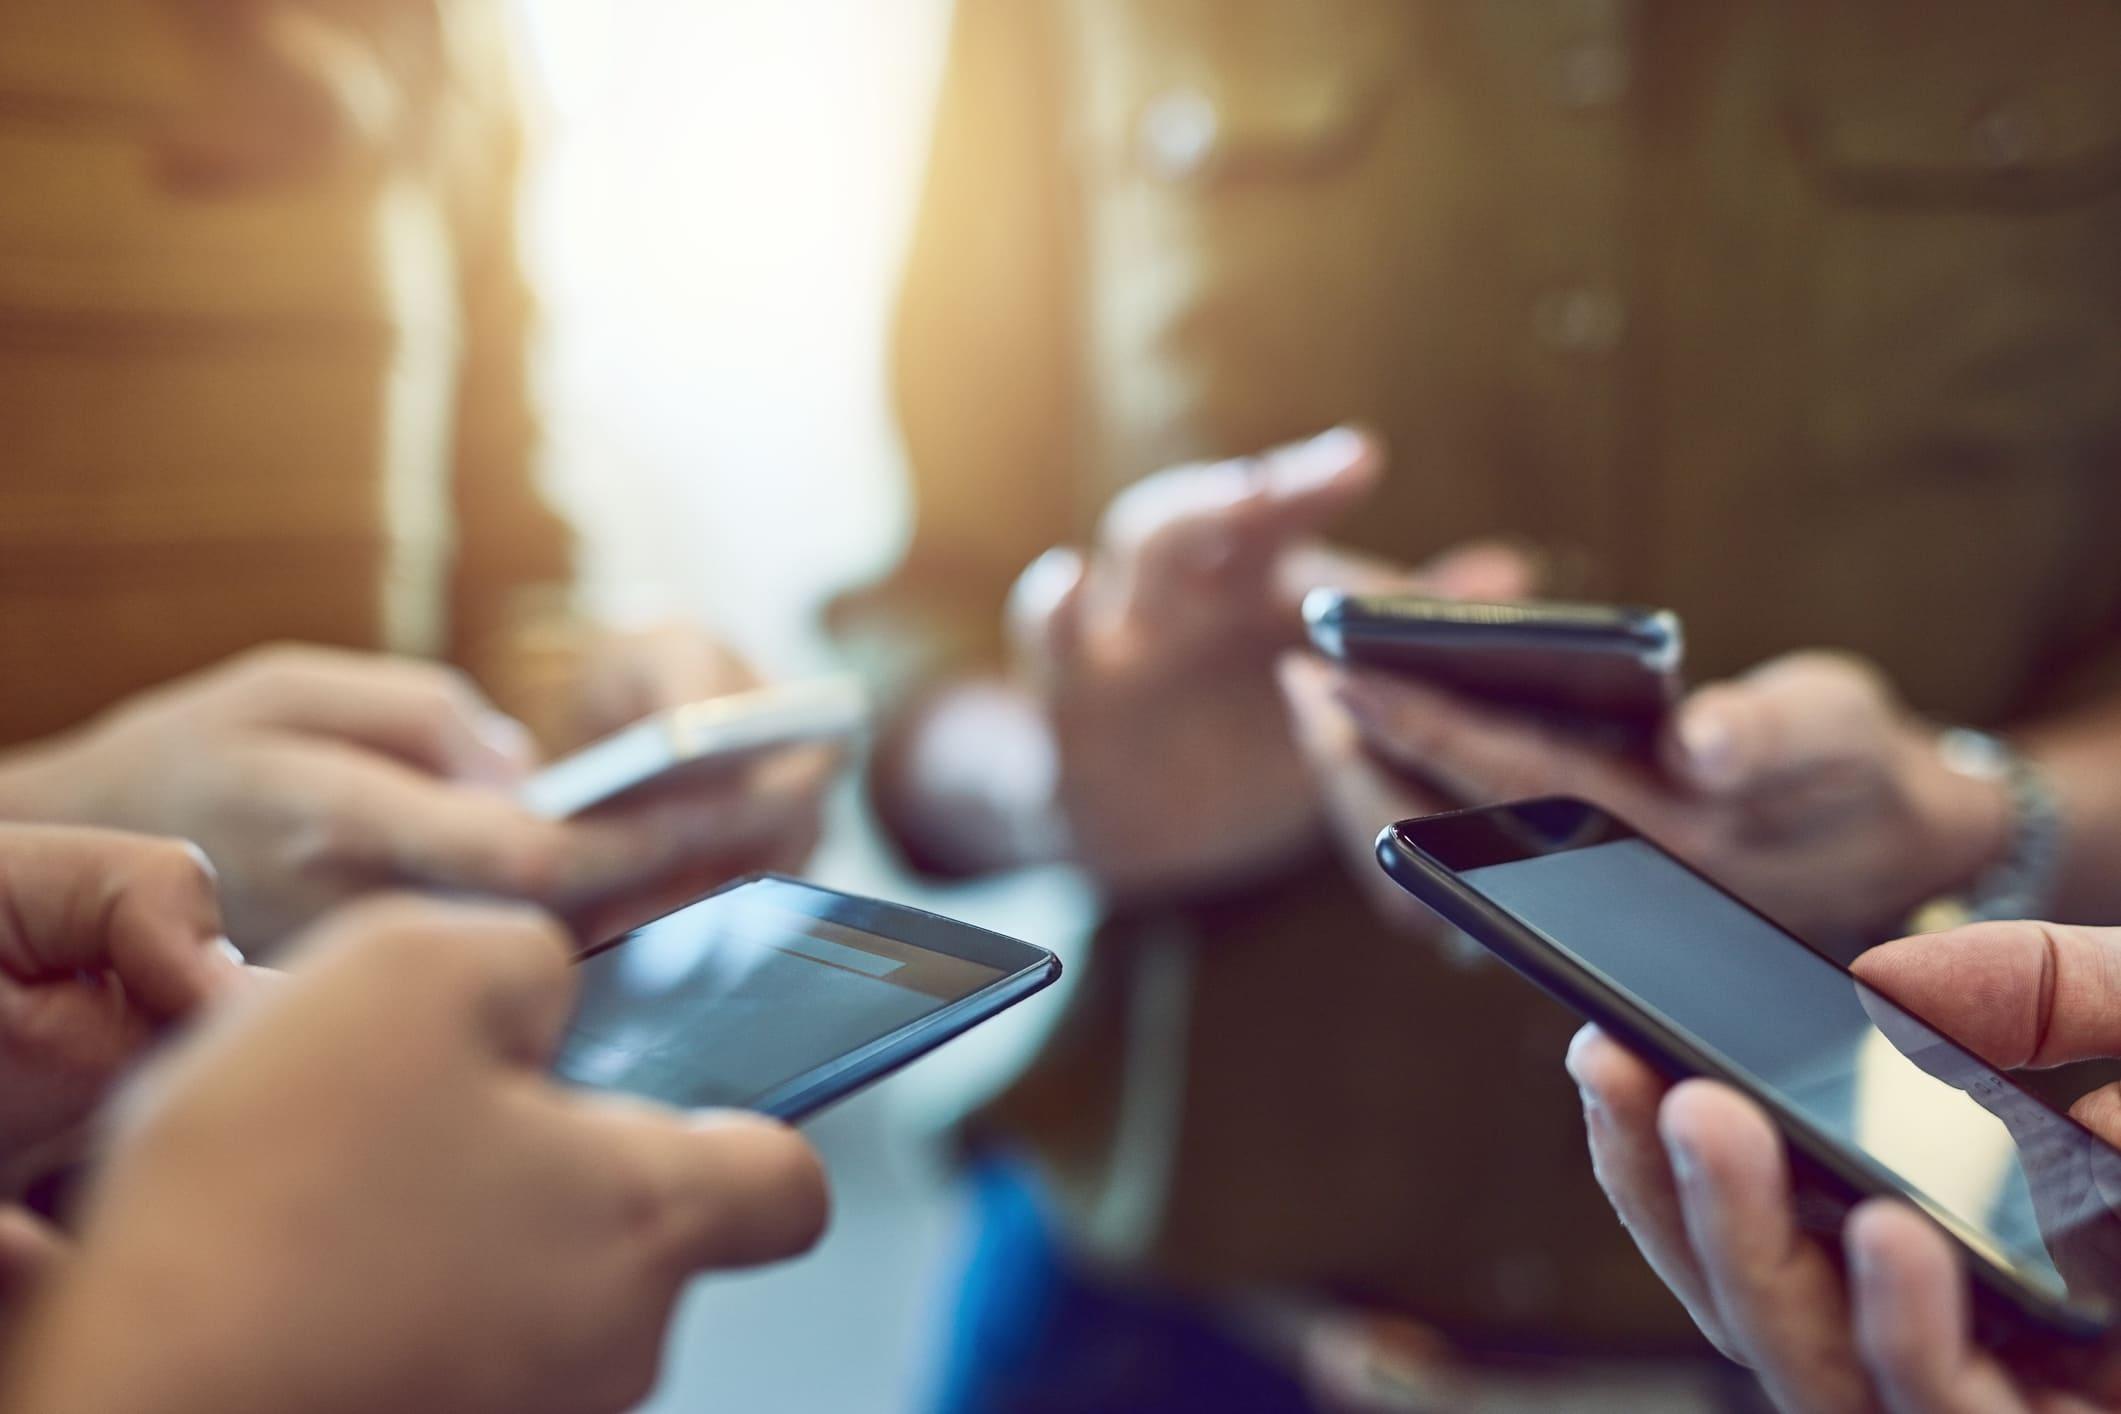 Nouveaux paradigmes dans l'univers mobile, nécessitant de nouvelles normes de développement   Eleven